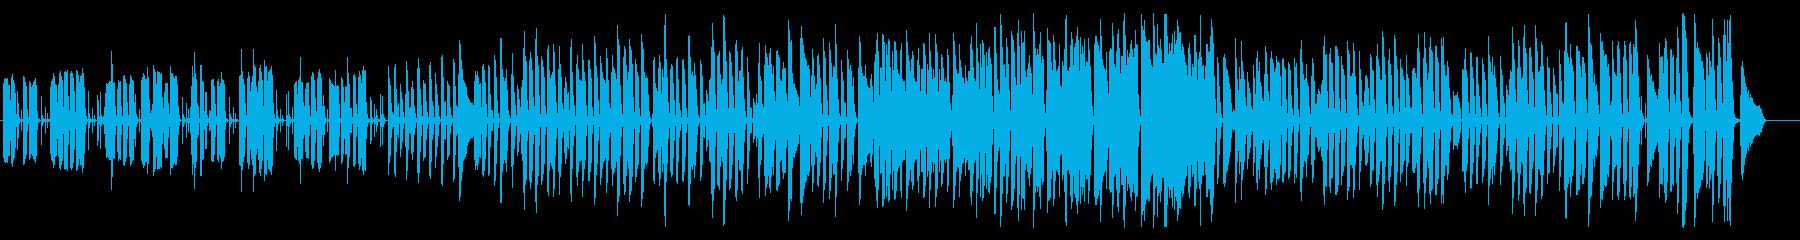 ピアノ、リコーダー、おもちゃの可愛い音楽の再生済みの波形